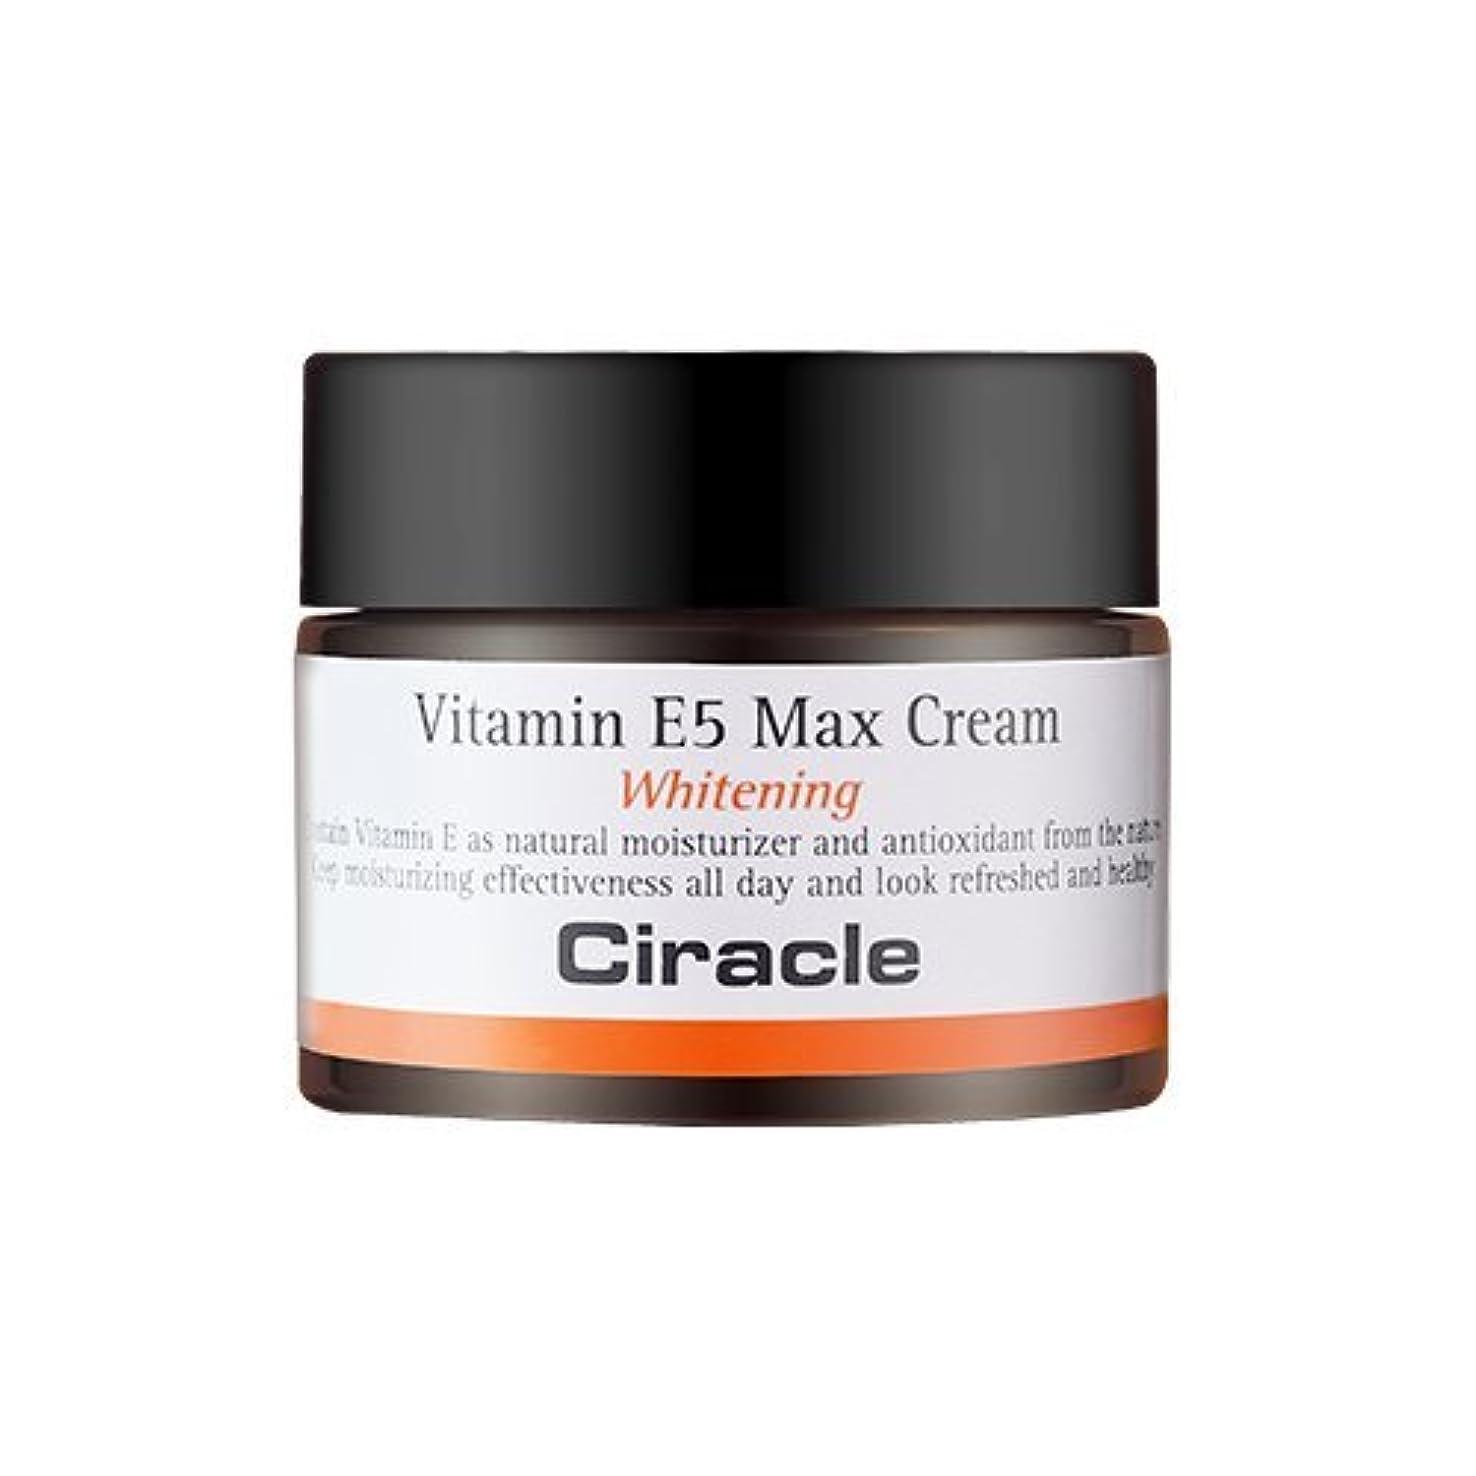 虐待癌デュアルCiracle Vitamin E5 Max Cream シラクル ビタミンE5 マックス クリーム 50ml [並行輸入品]